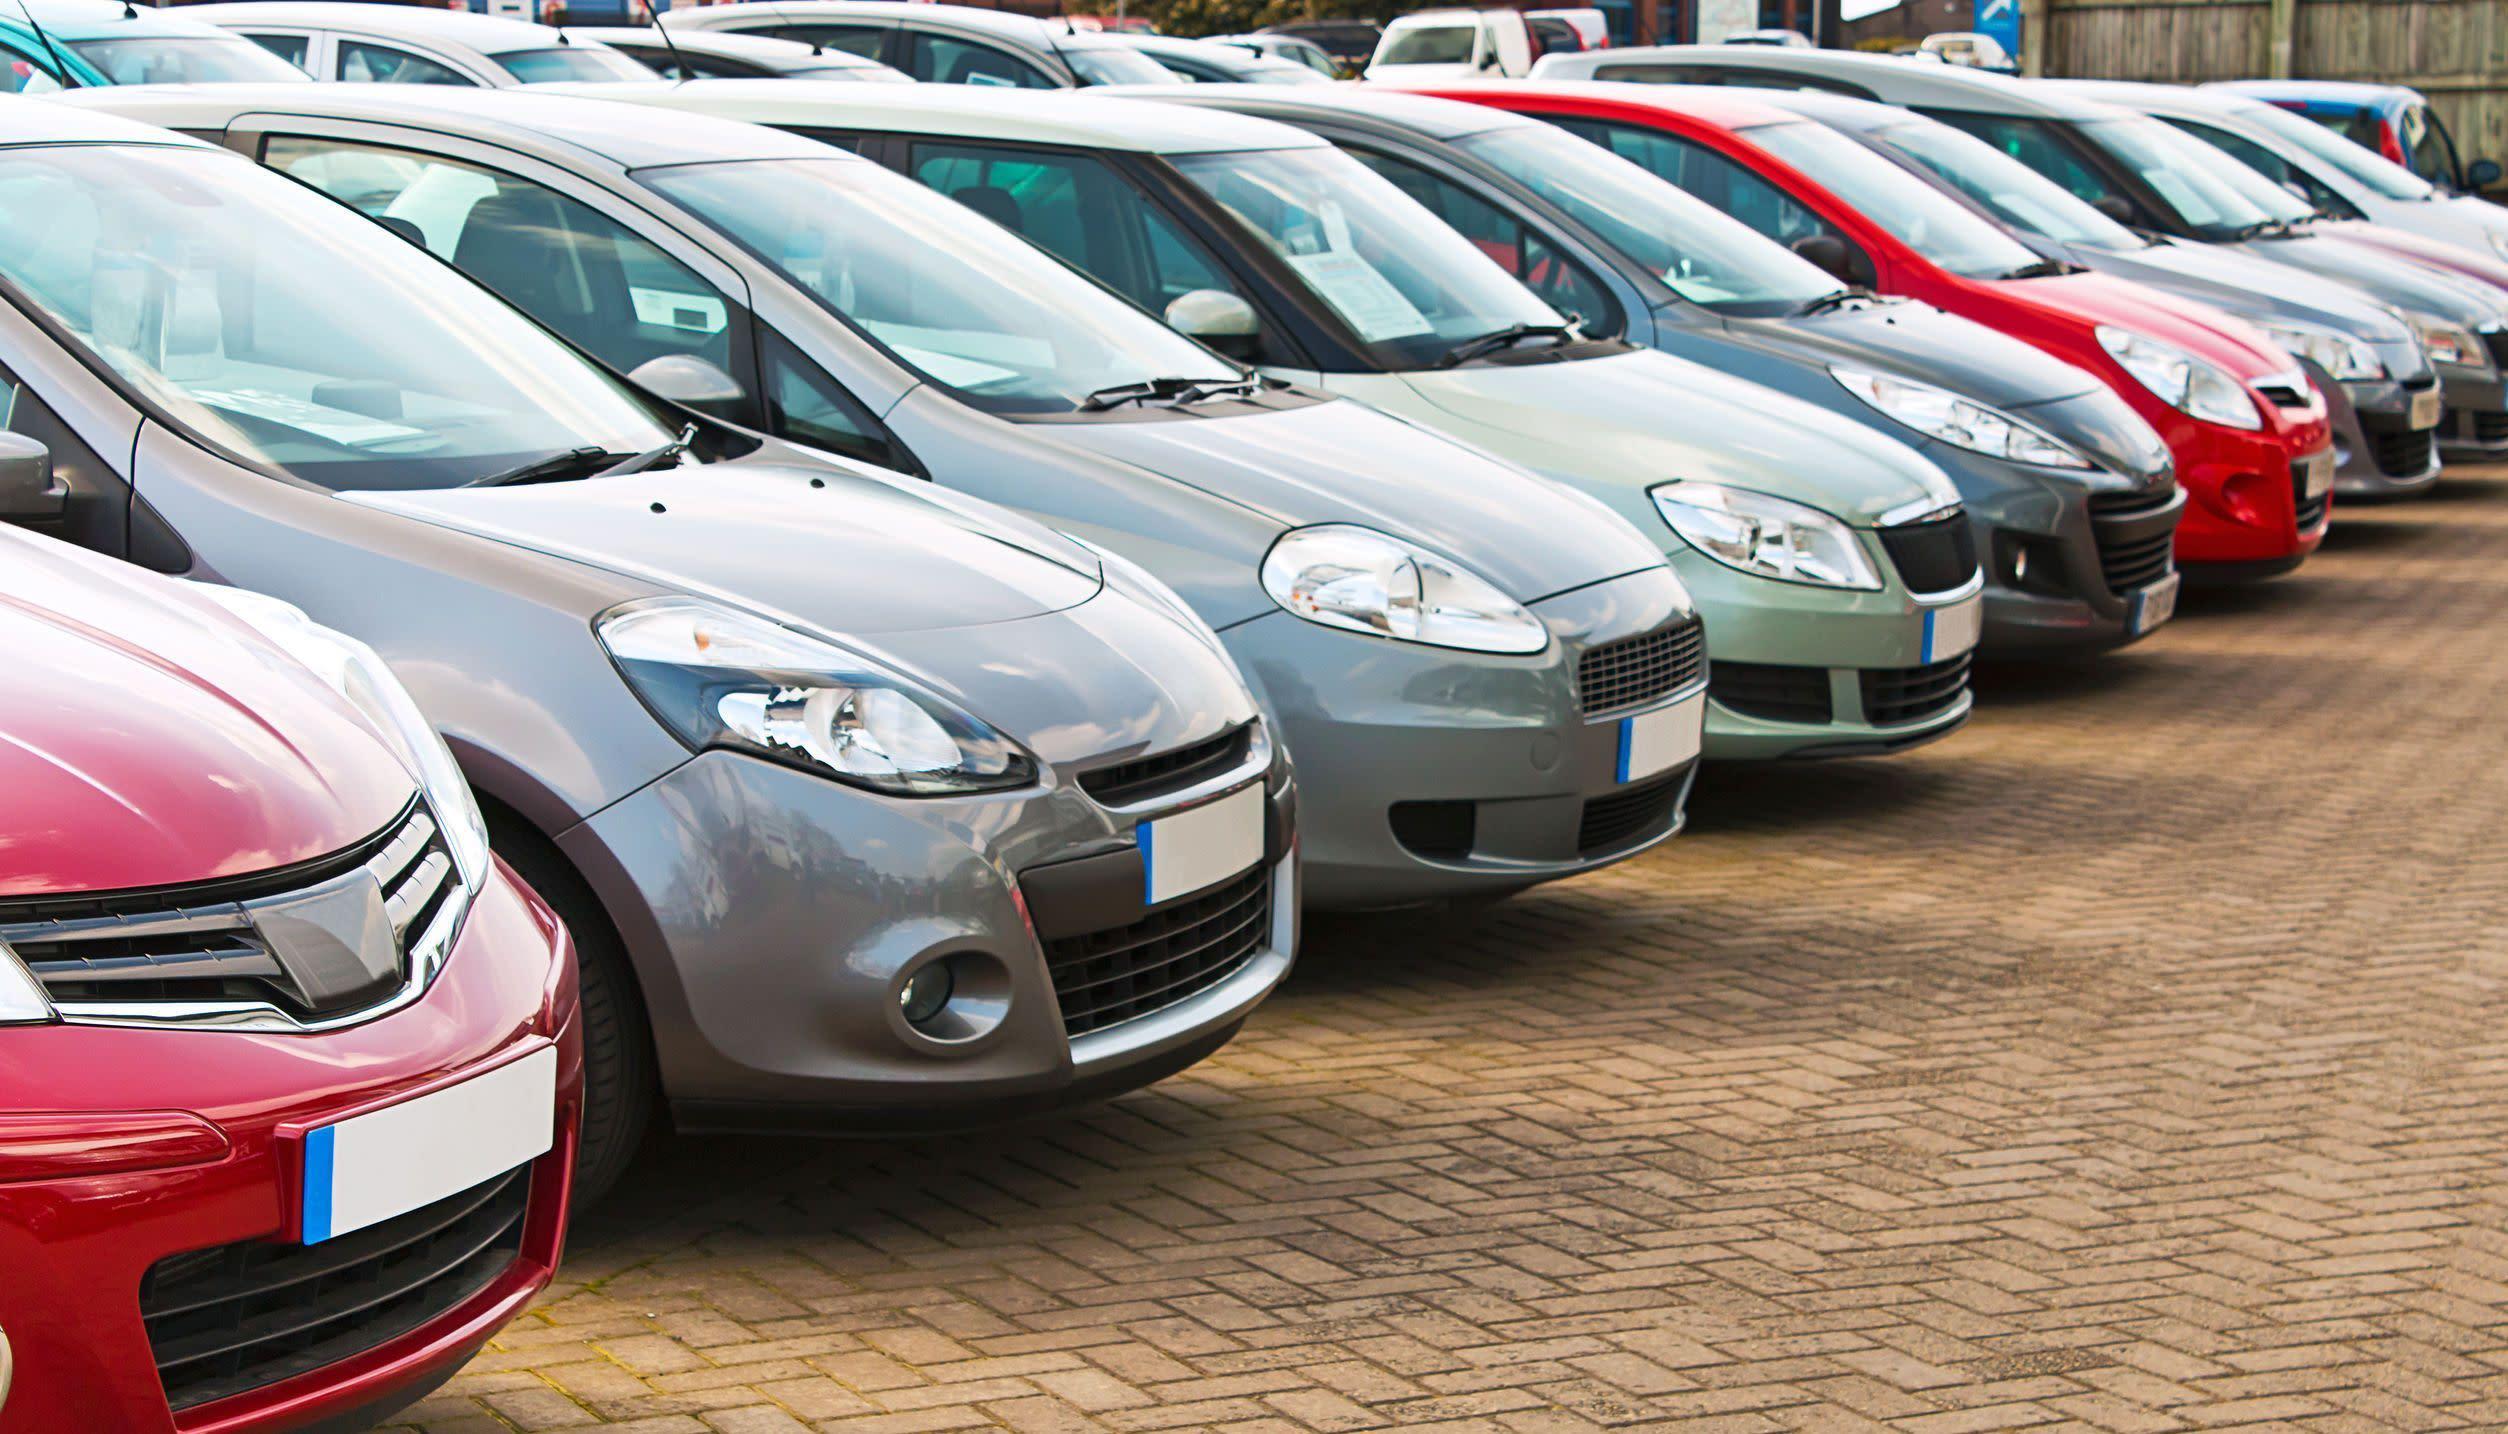 Κρήτη: Ακριβοπλήρωσαν για αυτοκίνητα που δεν παρέλαβαν ποτέ – Οργιάζουν οι απάτες μέσω διαδικτύου